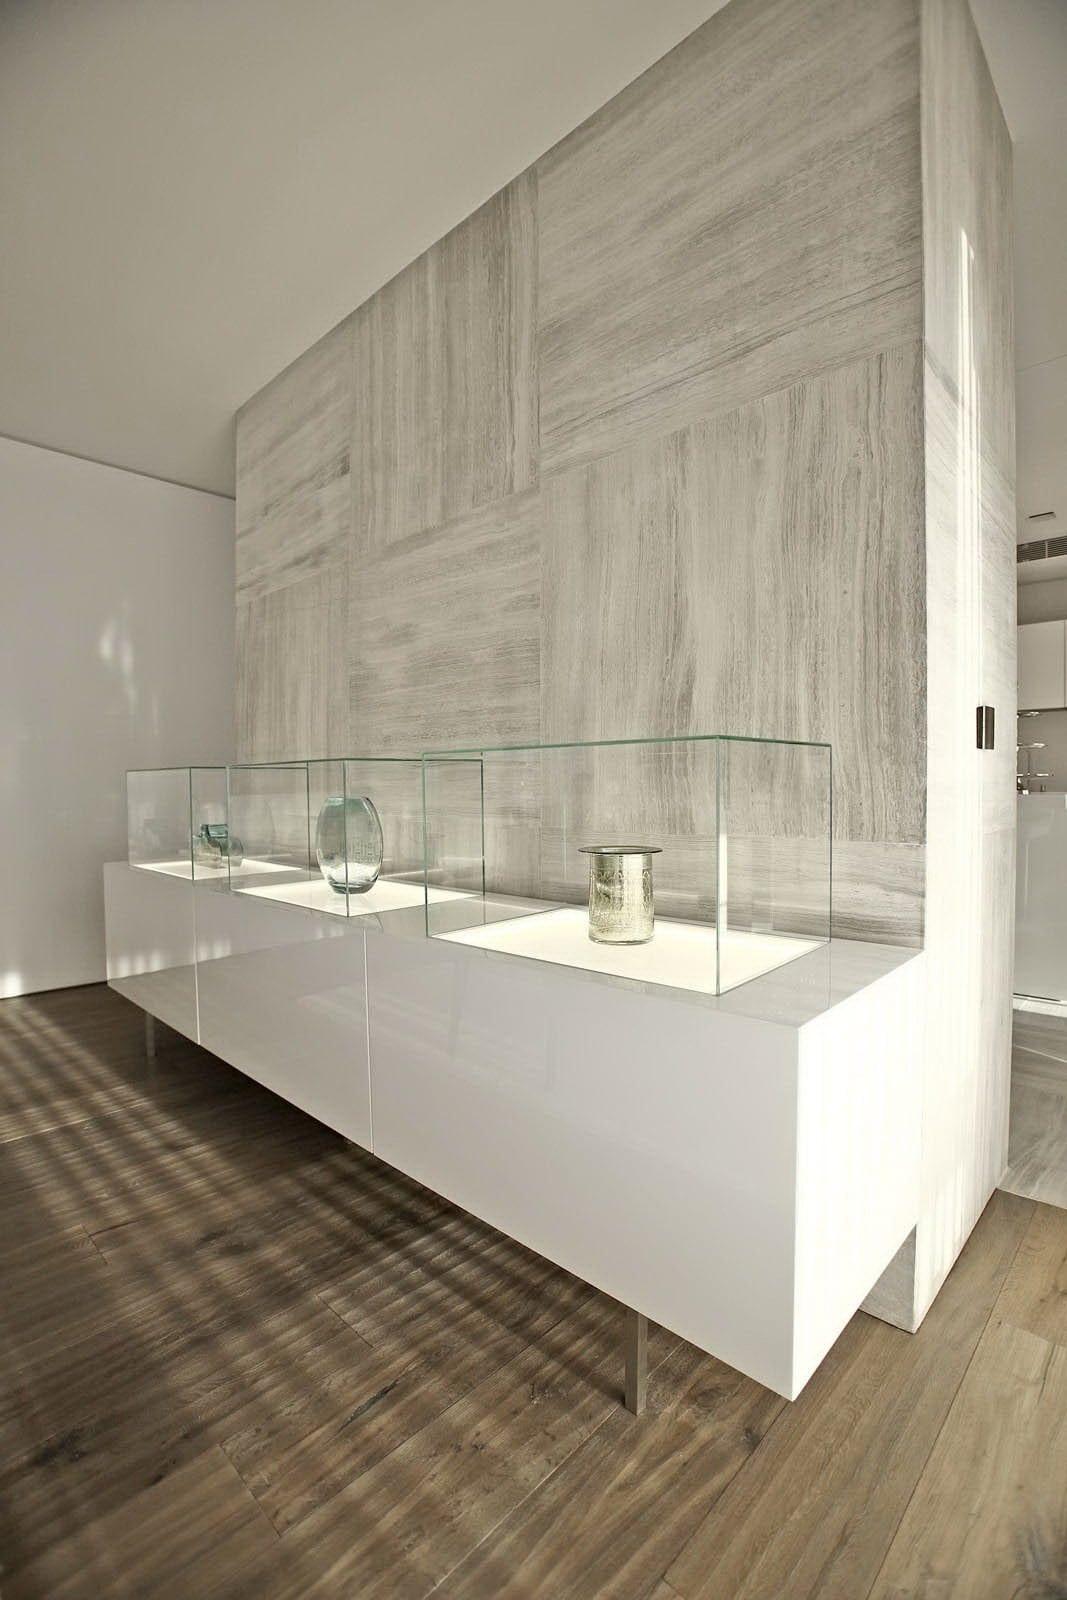 Wandgestaltung mit hellgrauen Marmorplatten und sideboard dekorieren mit schaukasten und indirekter beleuchtung